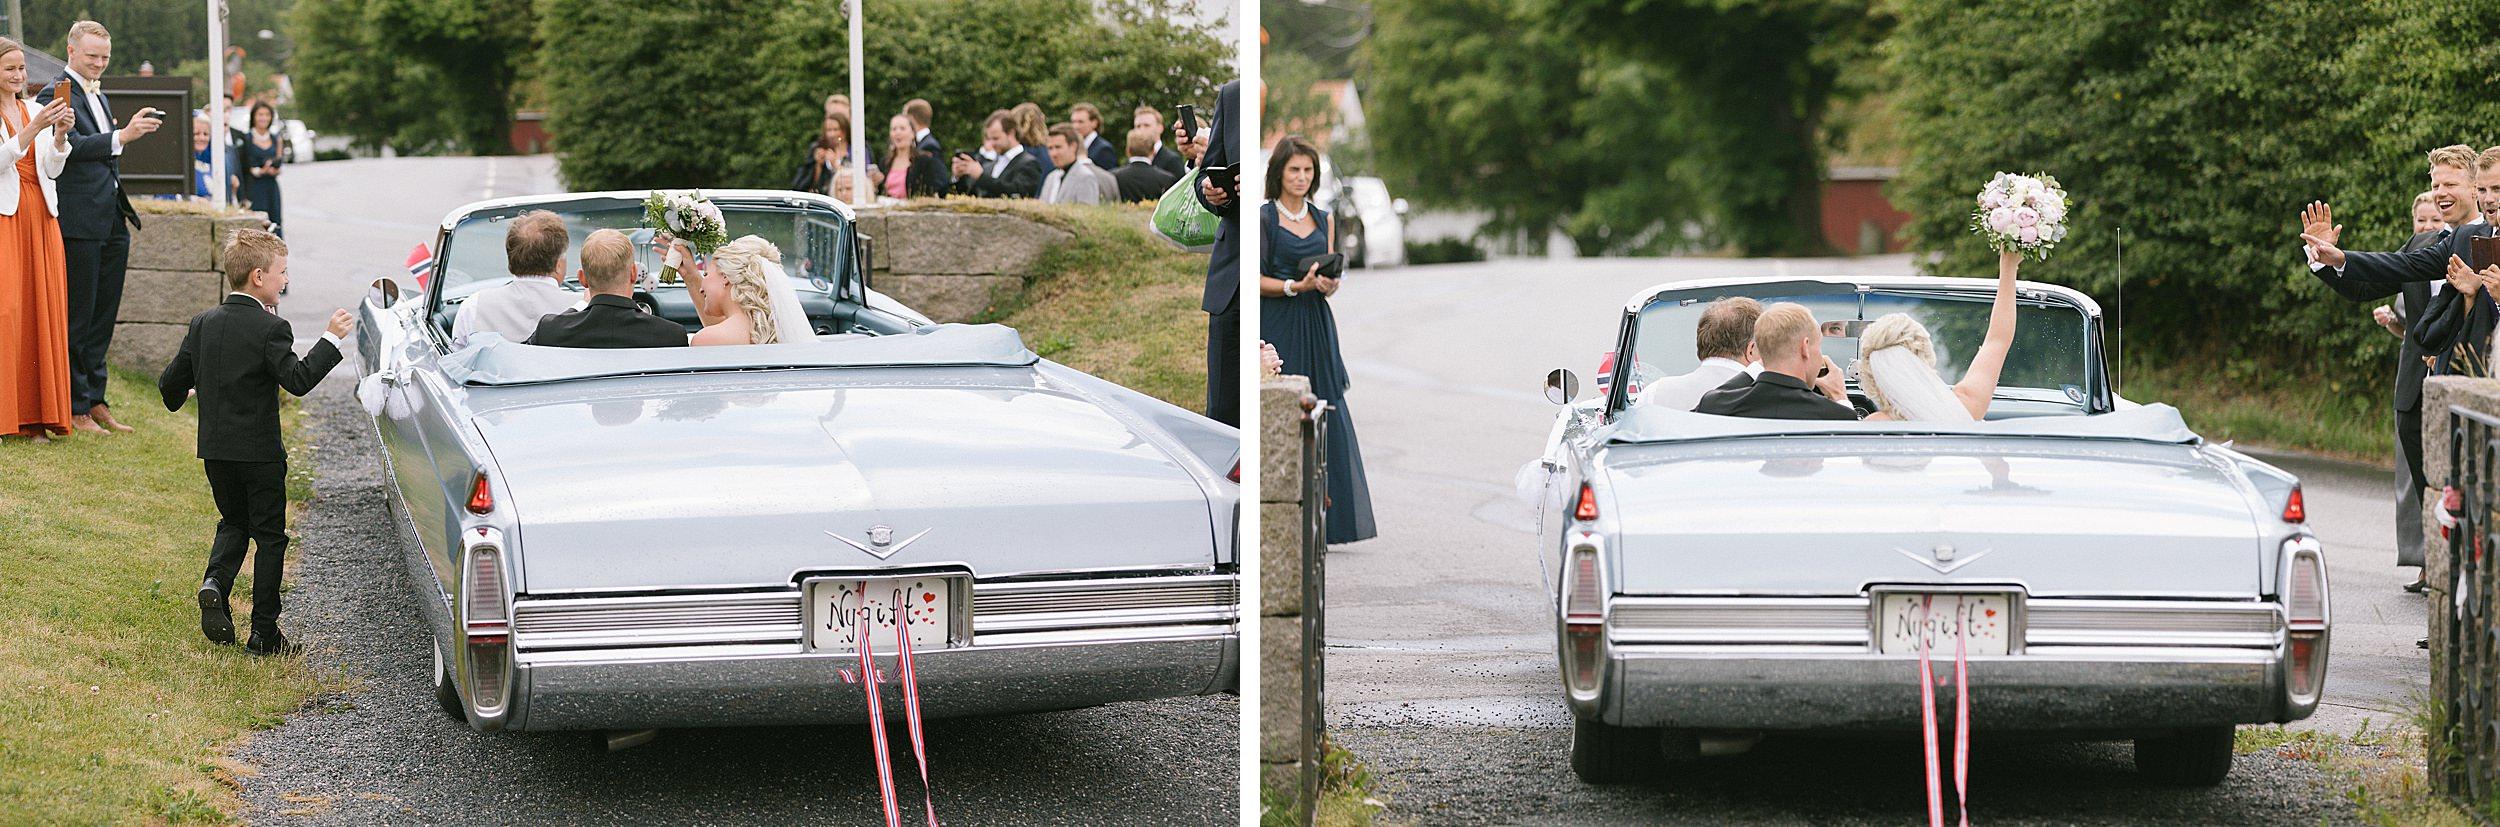 Heldags-bryllupsfoto-june-thomas_0024.jpg